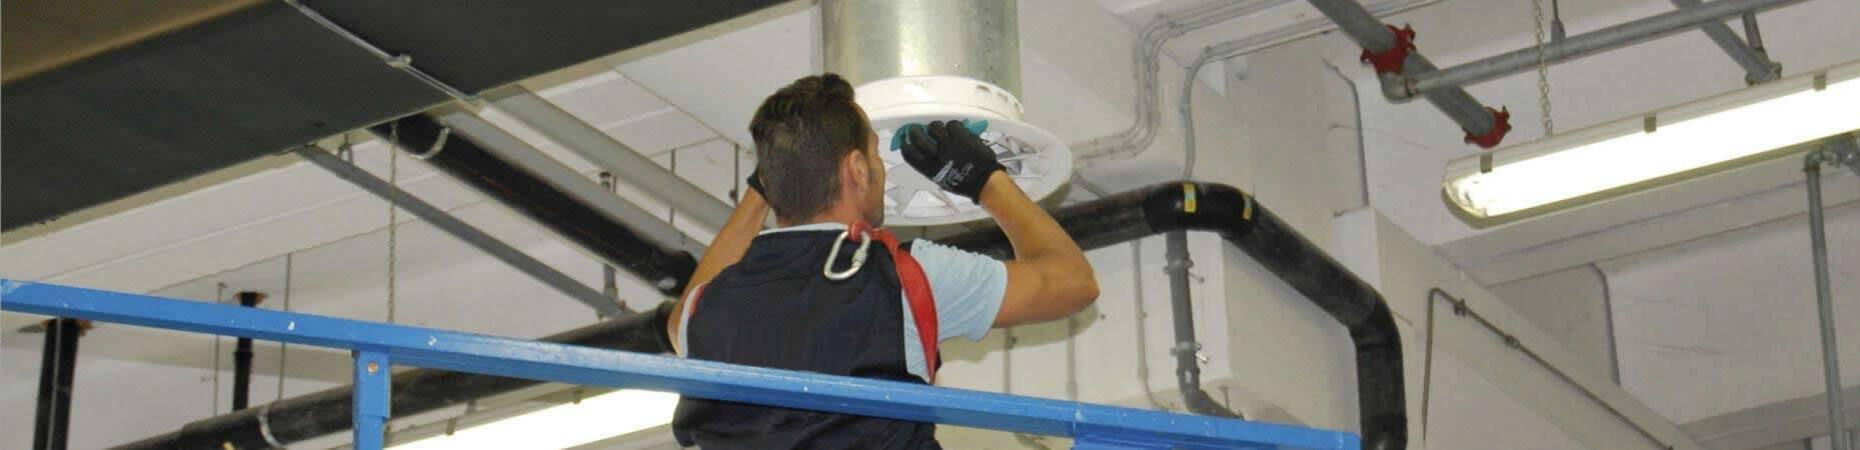 cicognaservizi it impresa-di-pulizie-industrie-bologna 004